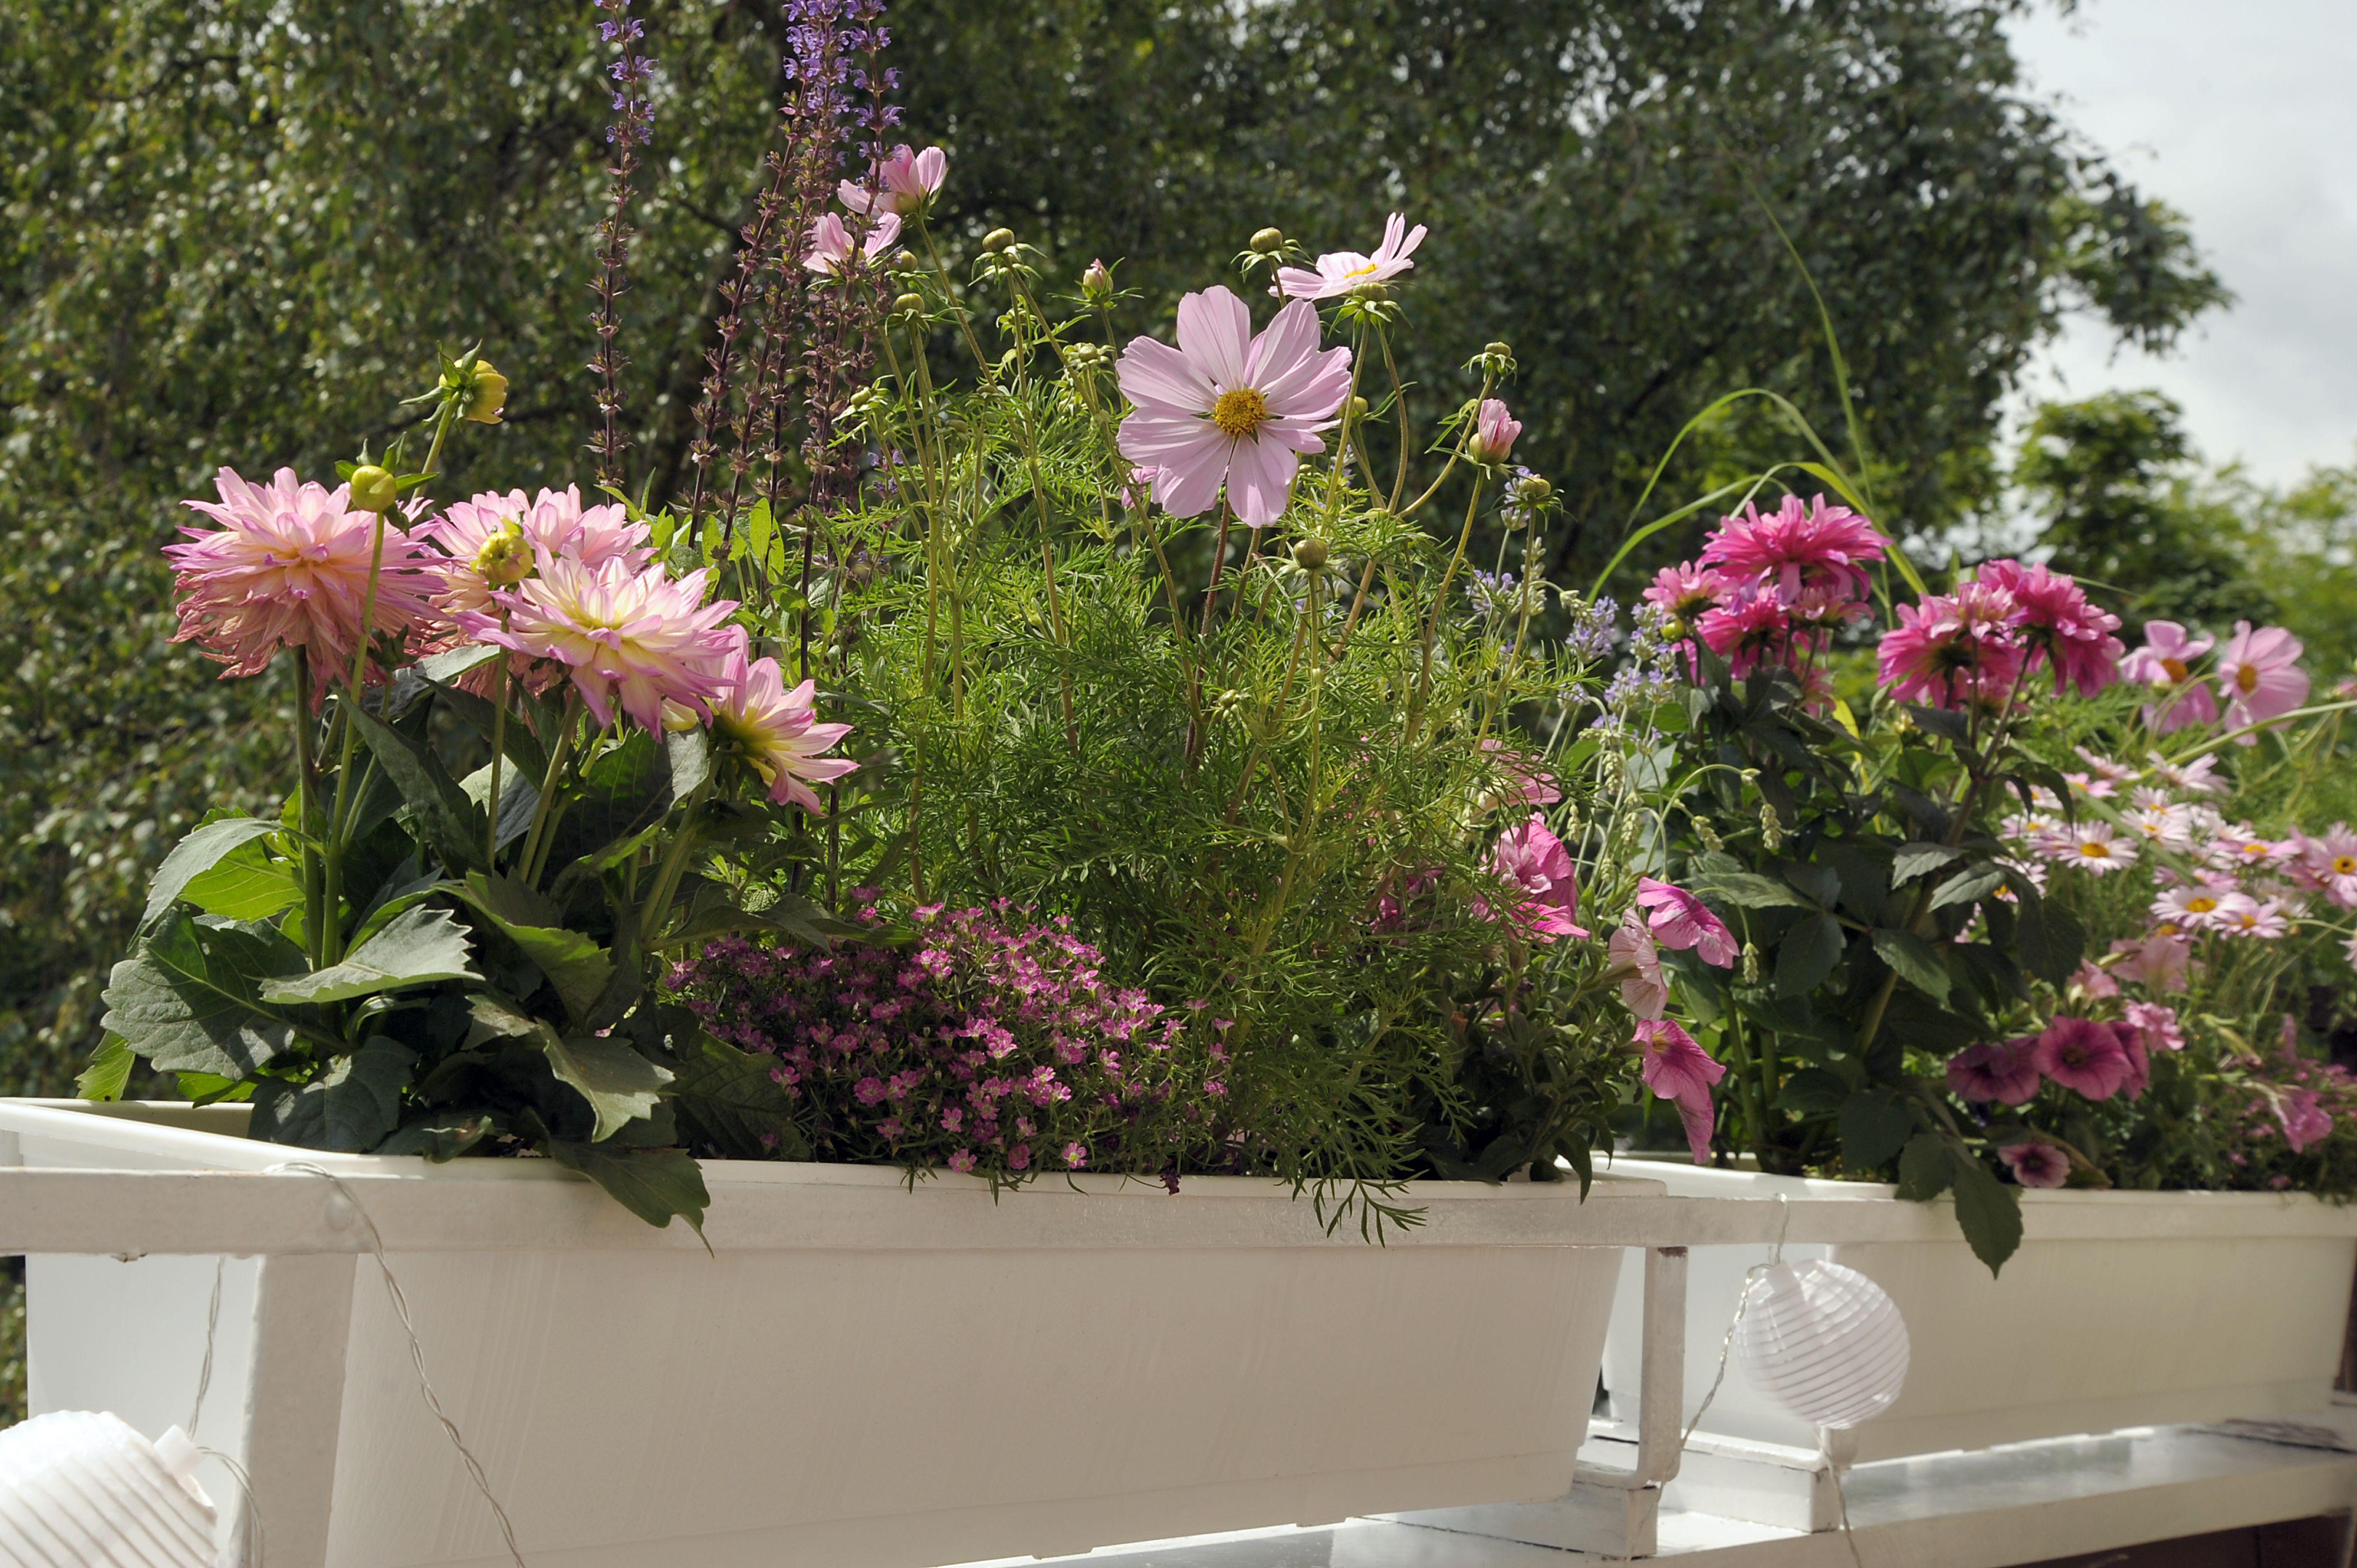 blumenk sten romantisch gestalten balkonpflanzen pinterest balkon pflanzen pflanzen und. Black Bedroom Furniture Sets. Home Design Ideas